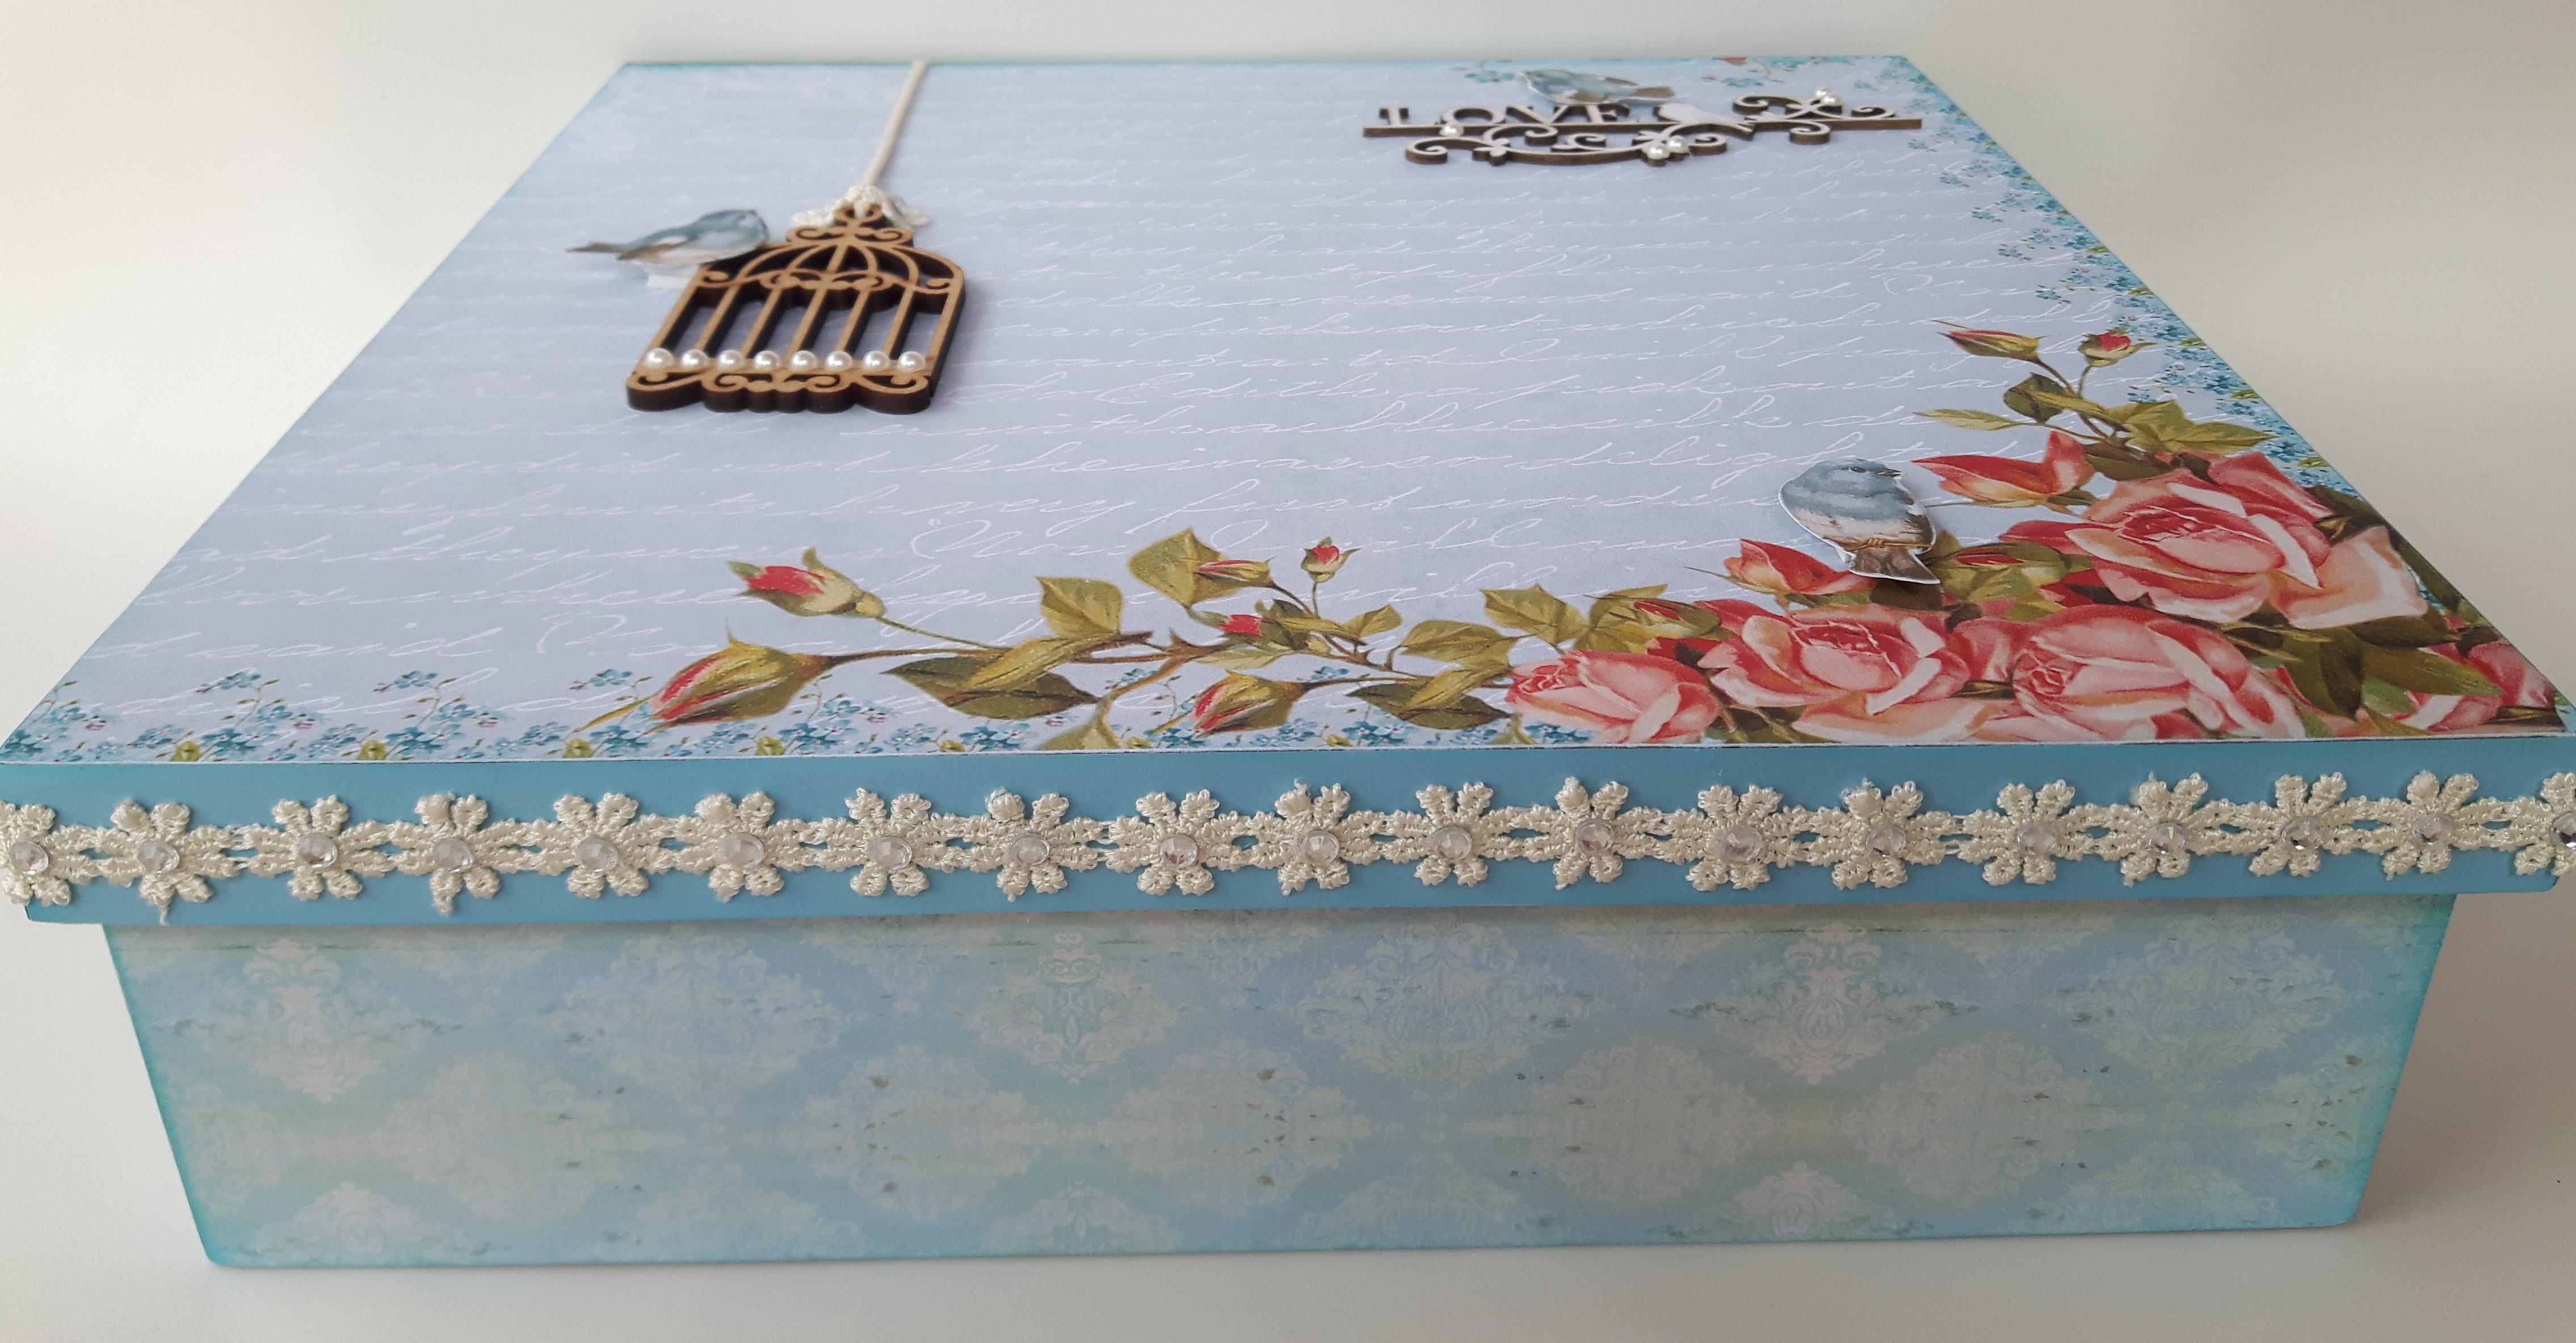 Armario Herramientas Leroy Merlin ~ Caixas decoradas artesanato em madeira Mimo Caixas Decoradas Elo7